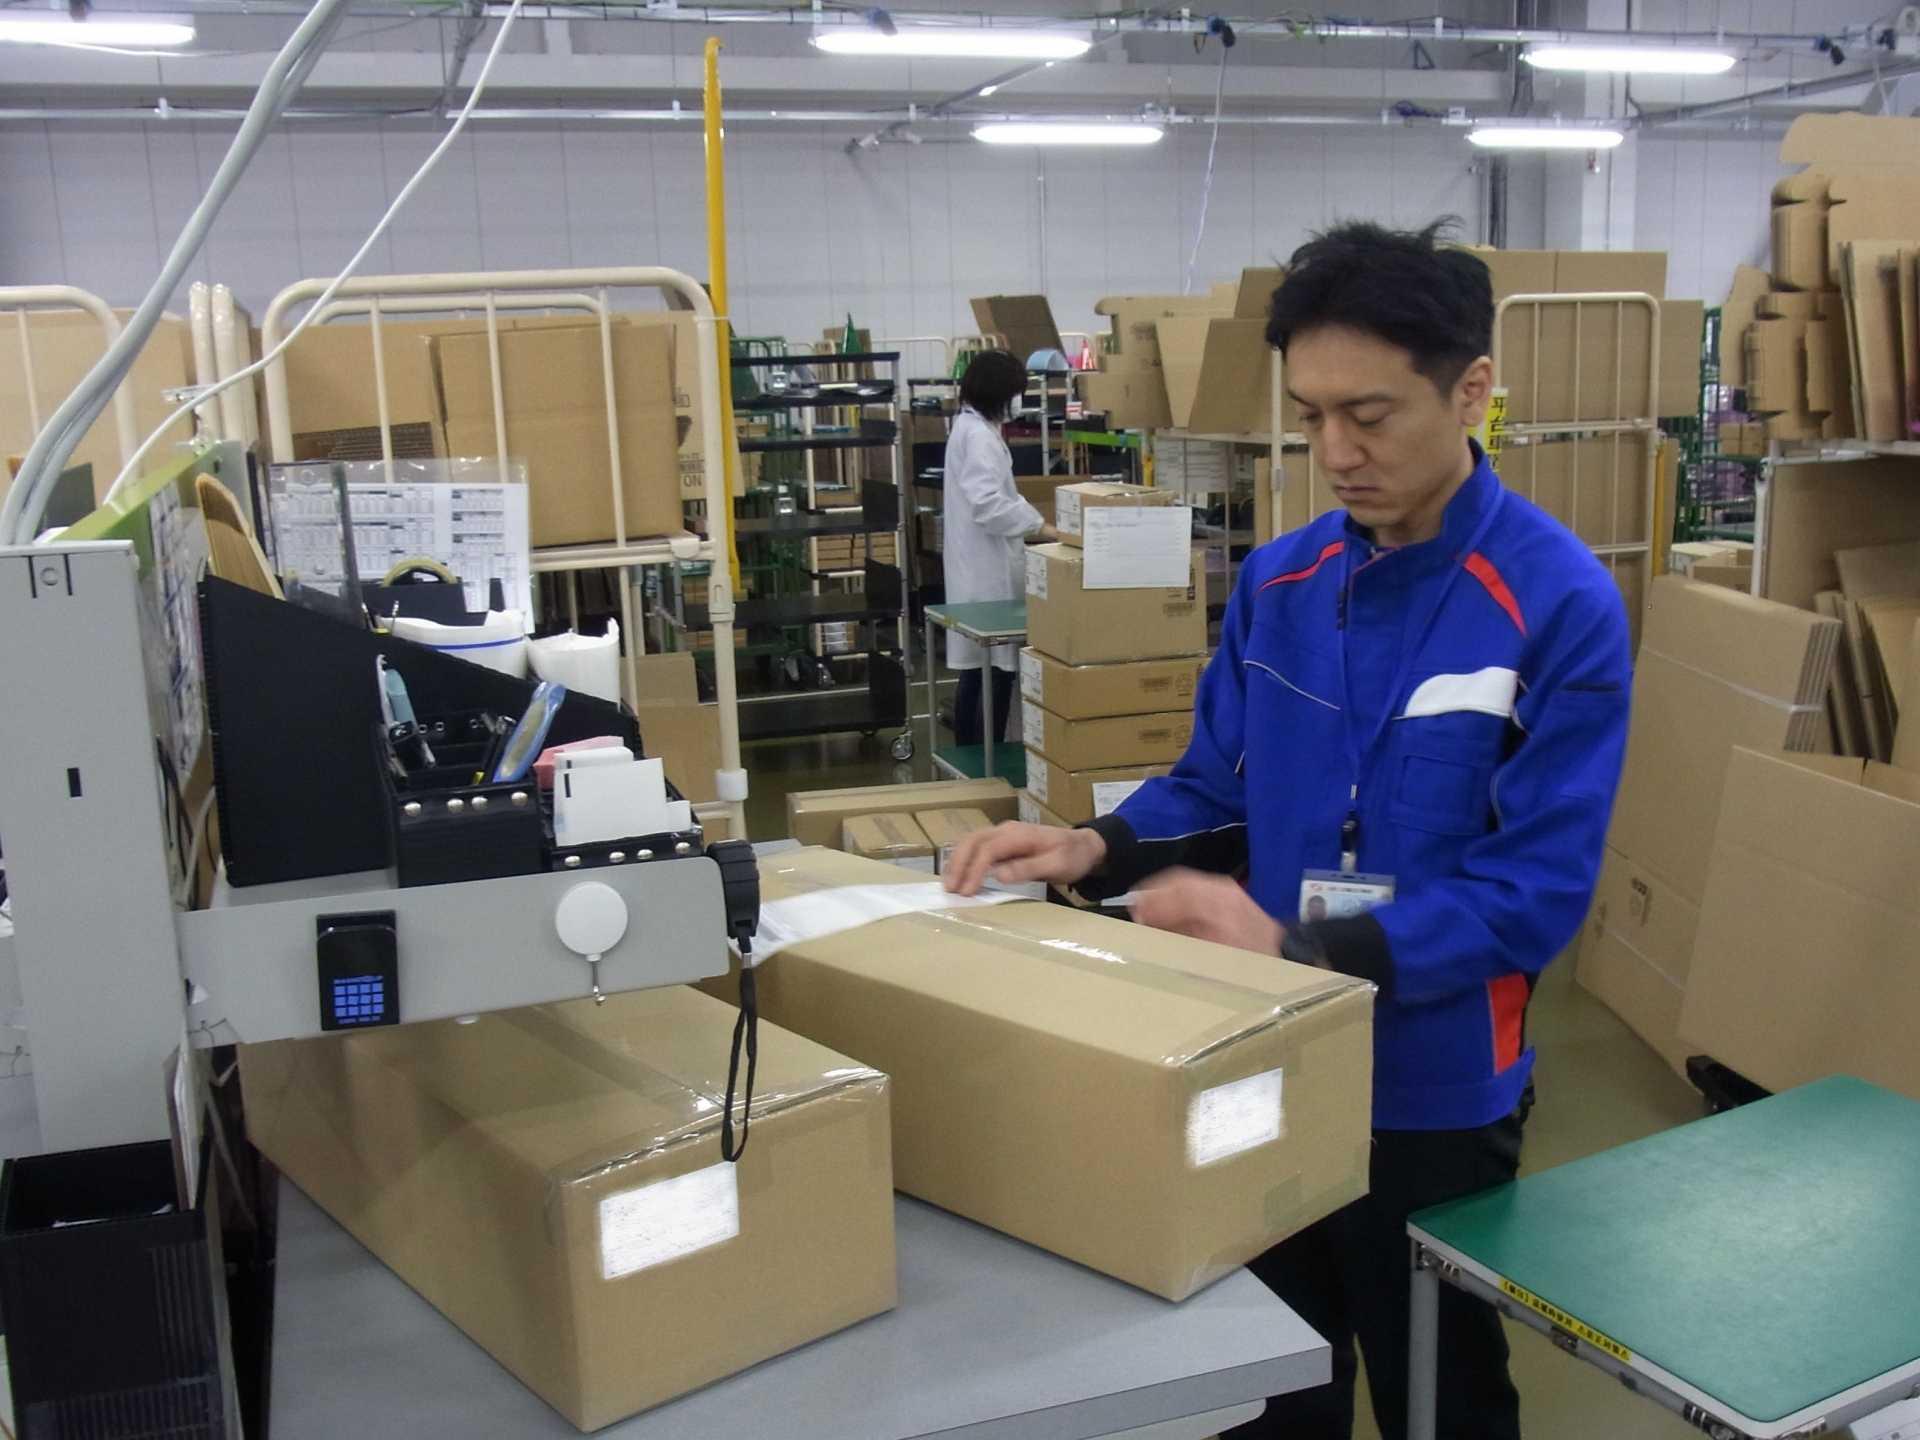 倉庫内作業が初めてでも、安心してスタートできるお仕事です。